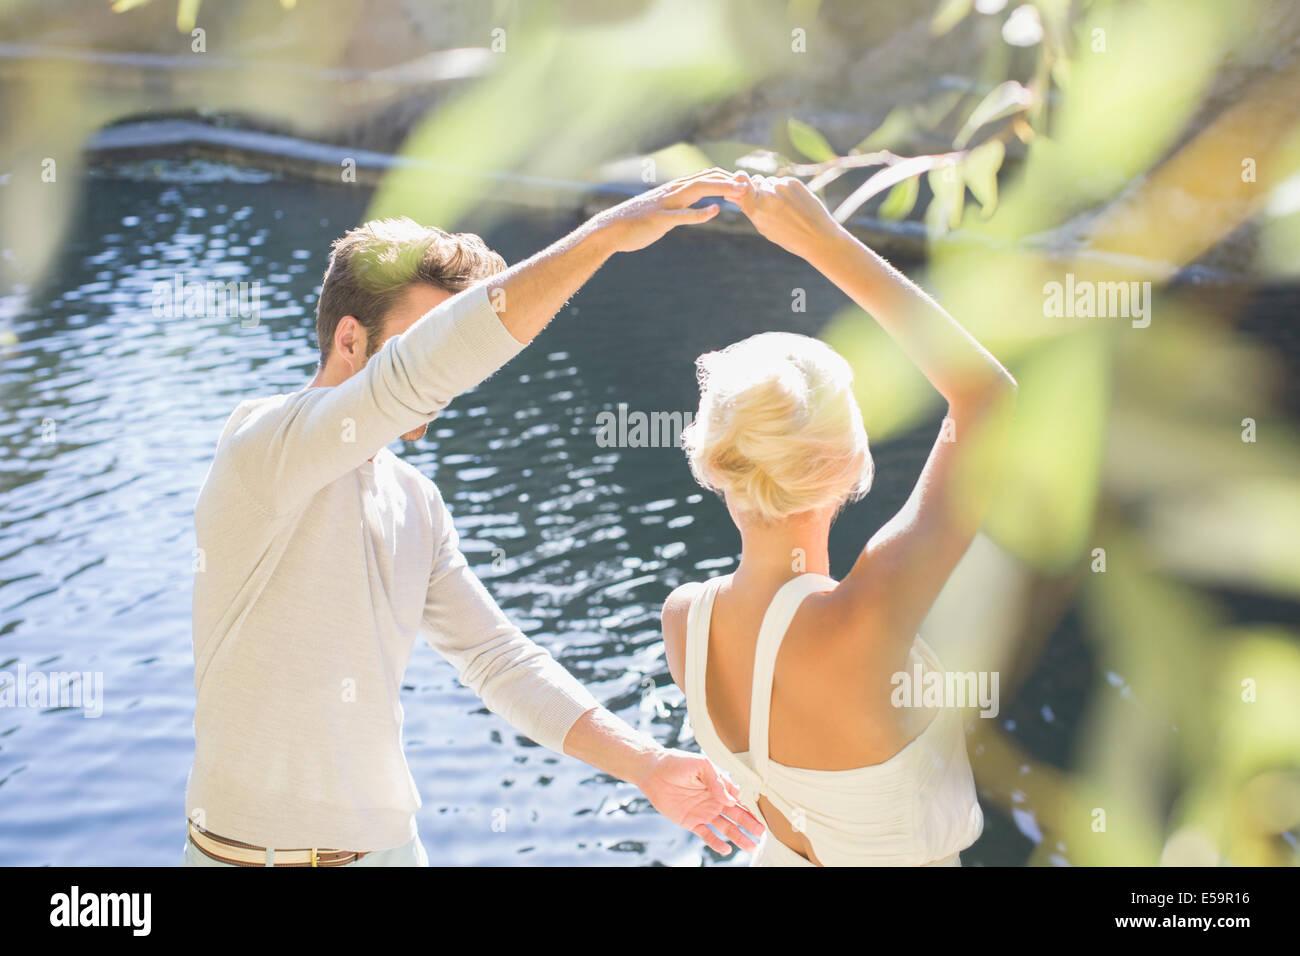 Coppia danzante in piscina Immagini Stock